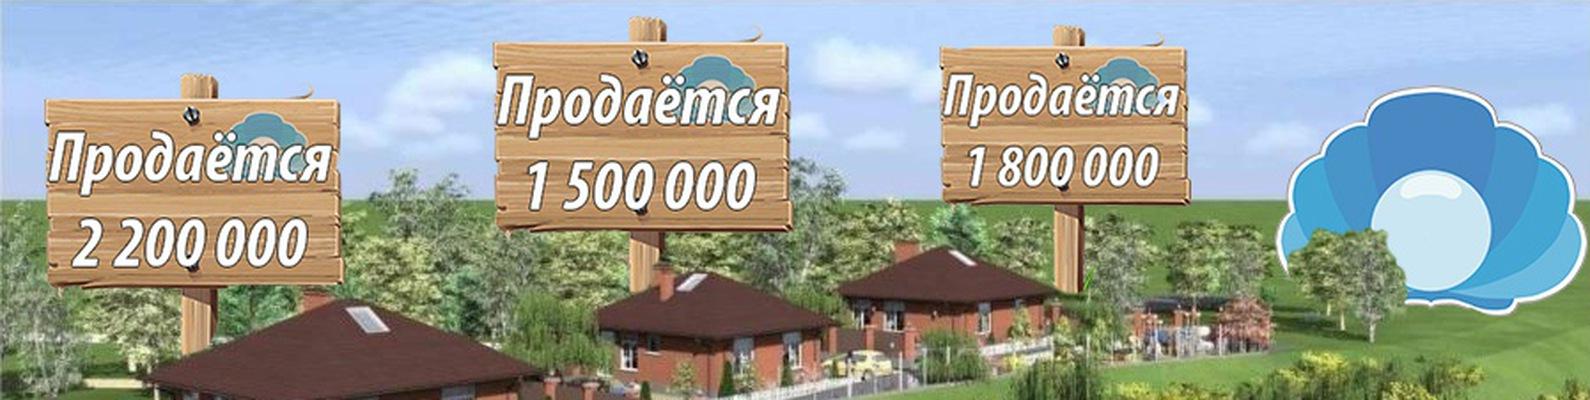 Недвижимость в горах краснодарского края